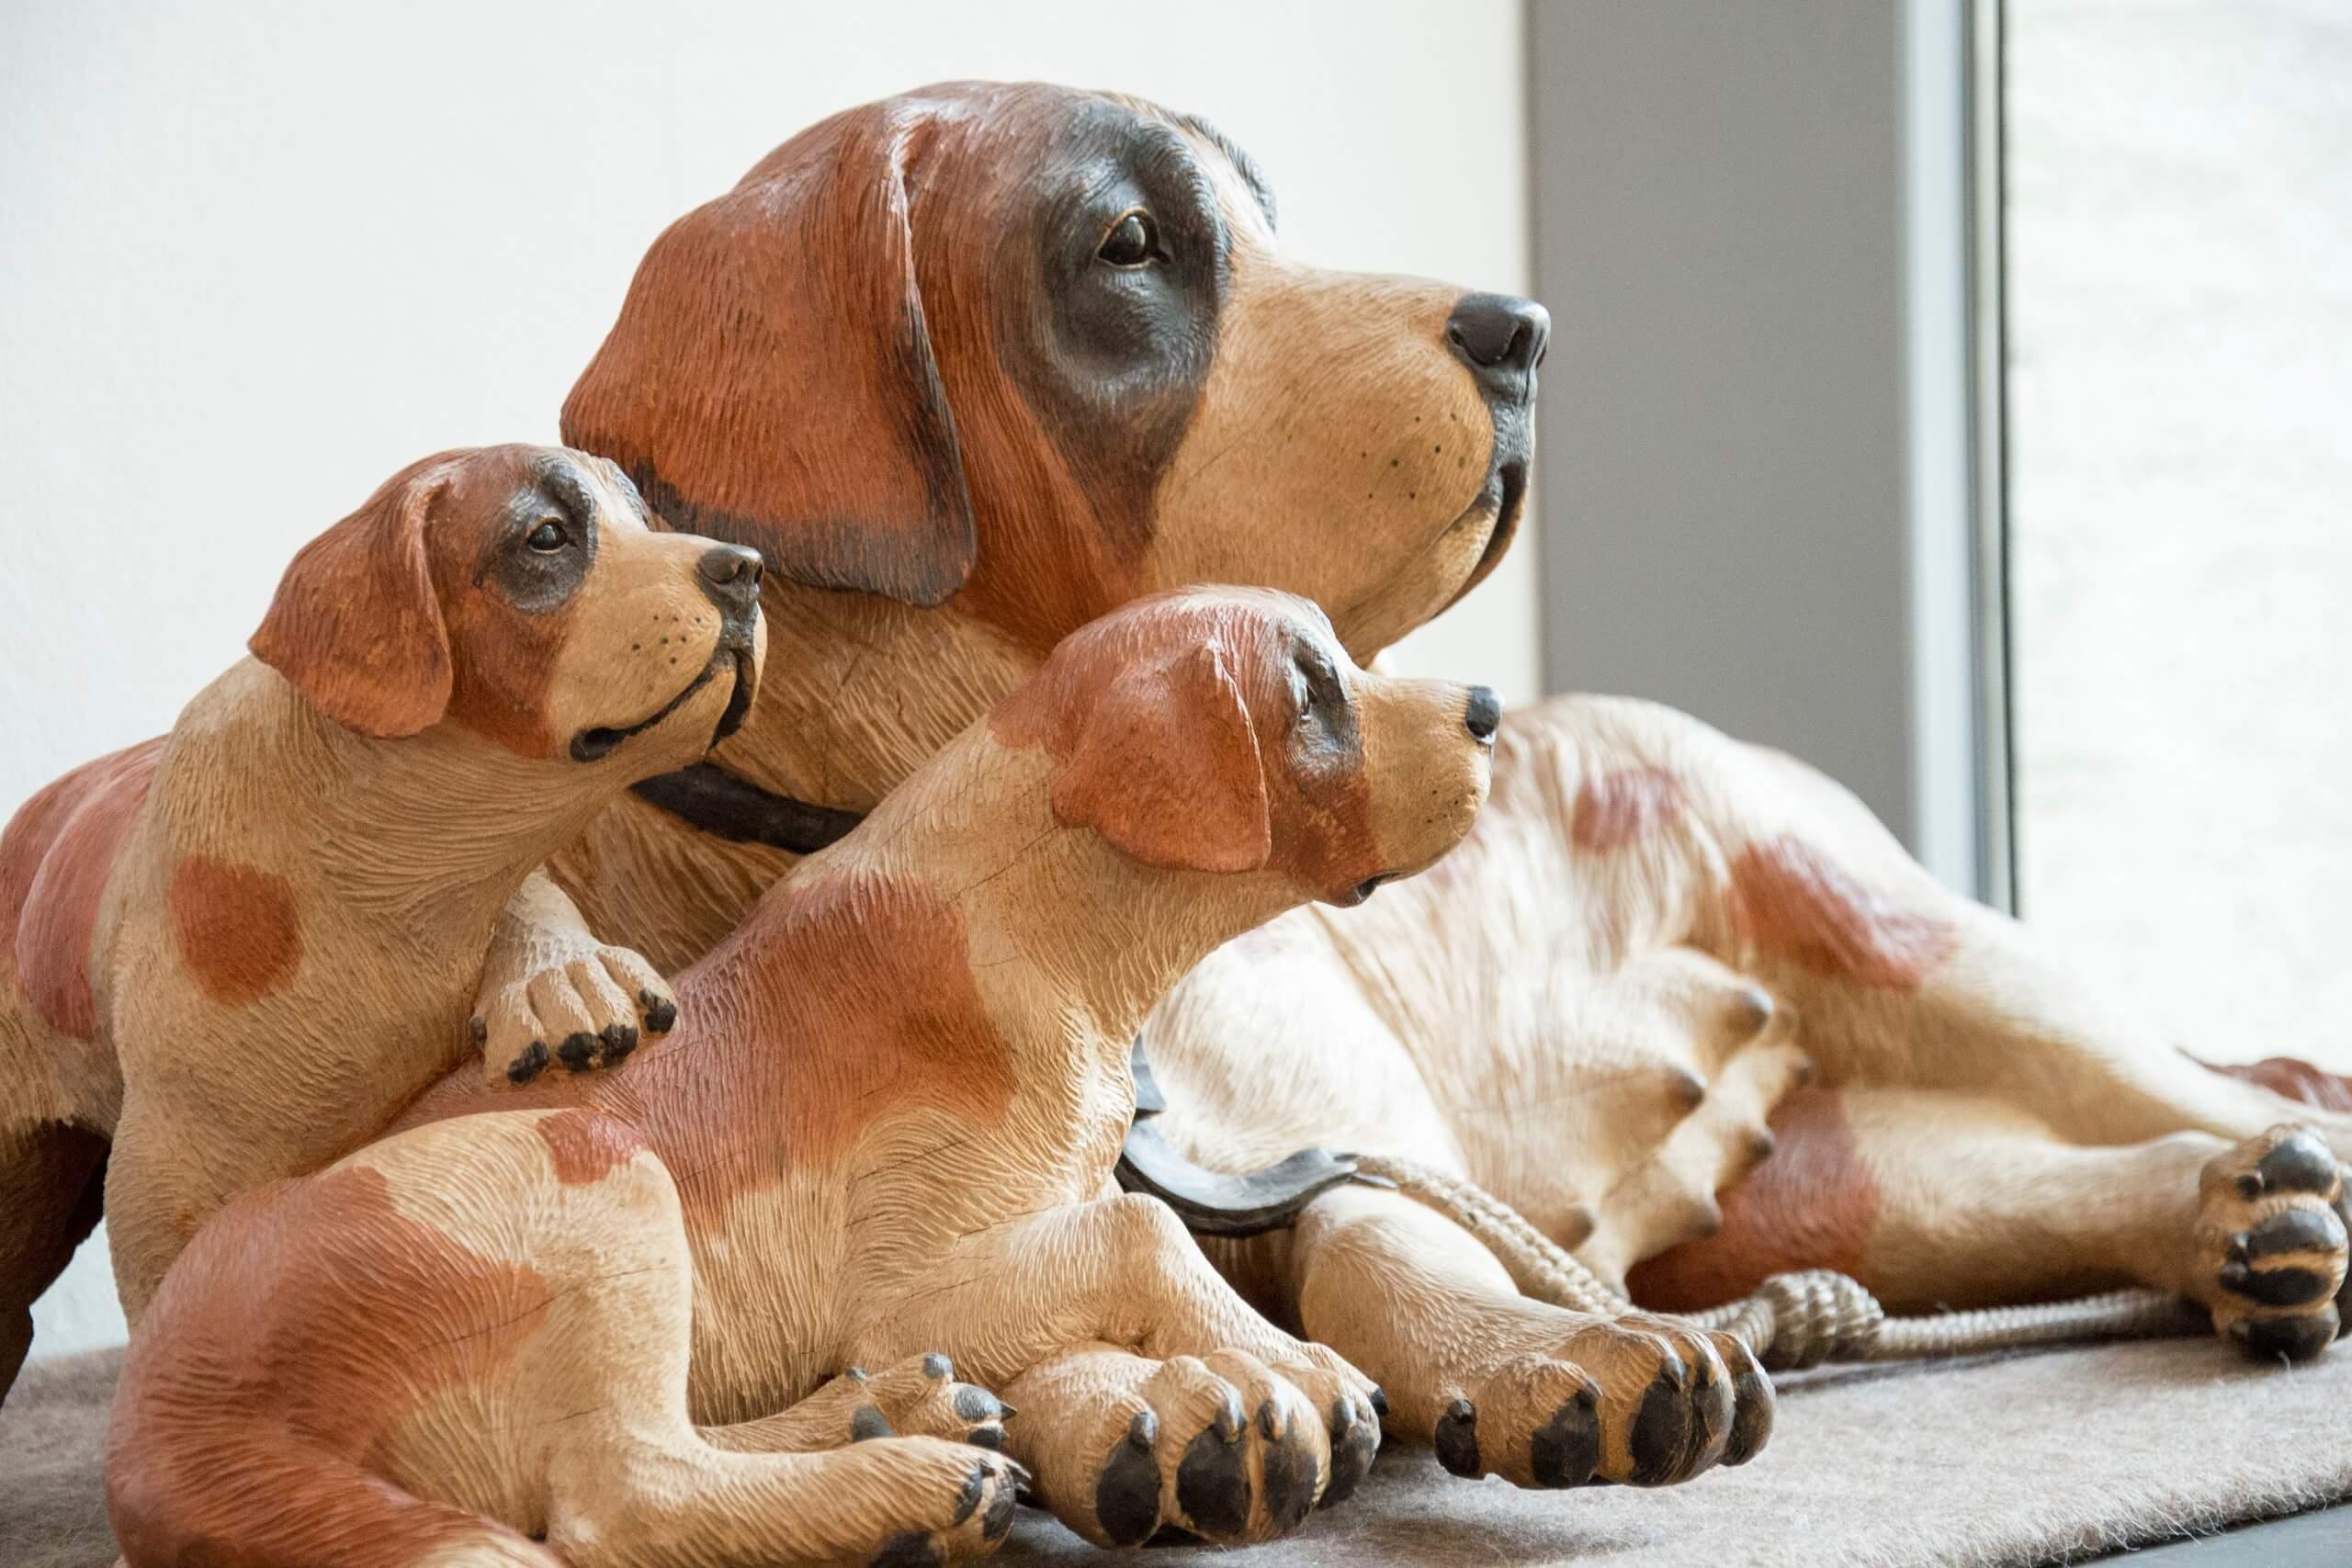 brienz-museum-holzbildhauerei-ausstellung-hund